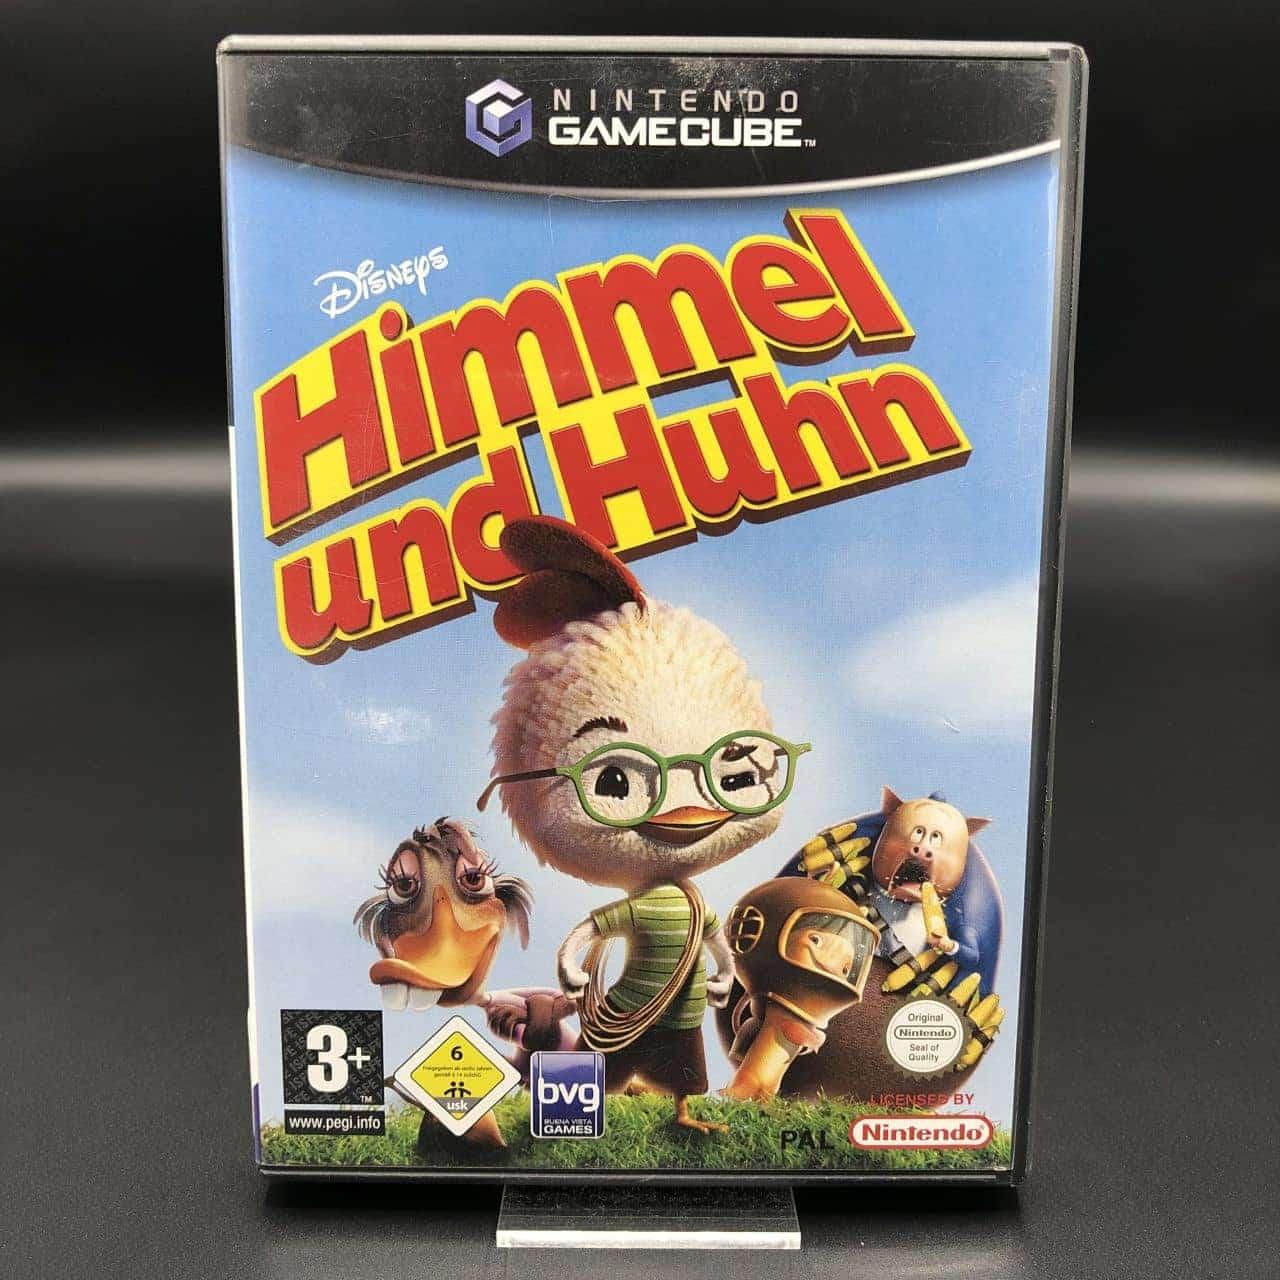 GC Himmel und Huhn (Komplett) (Sehr gut) Nintendo GameCube